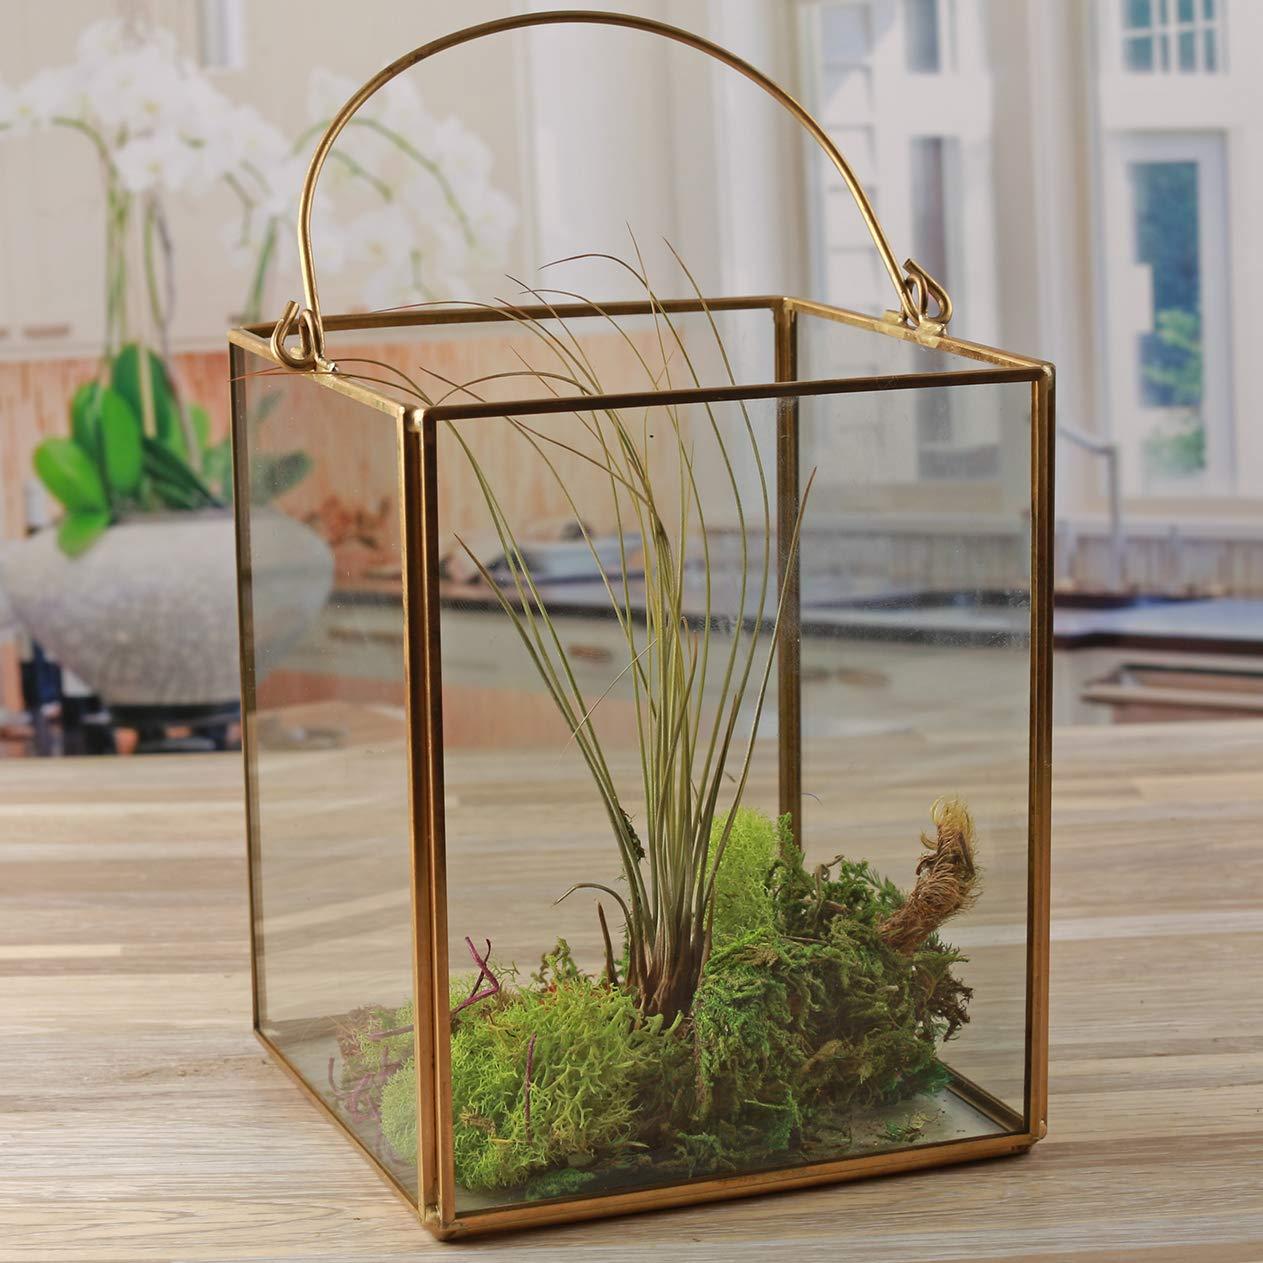 Circleware 03512 Terraria Clear Glass Terrarium With Handle Home